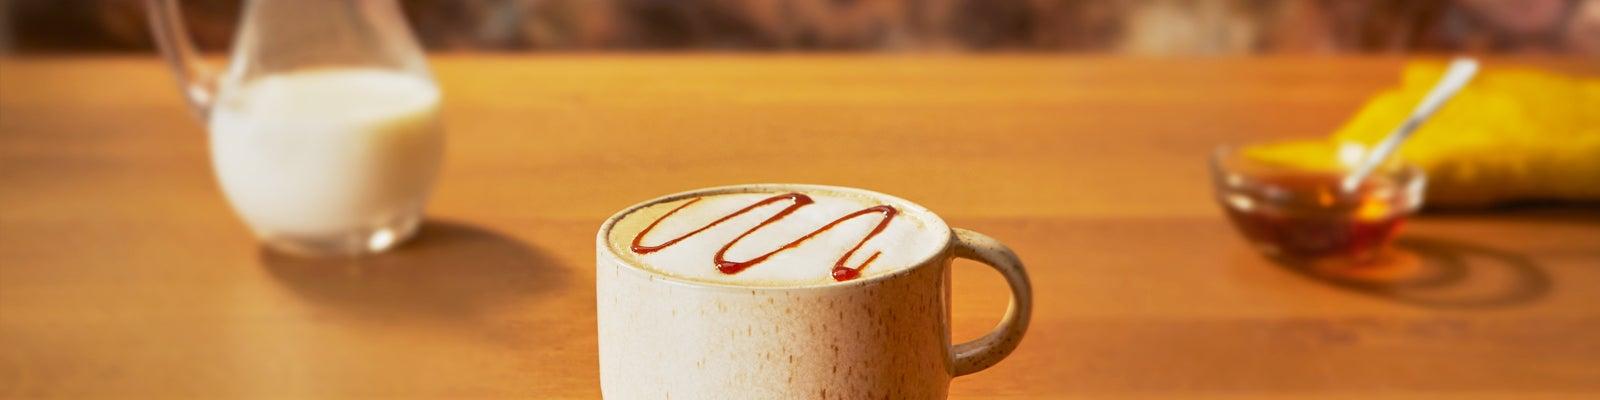 Creamy Caramel Decaf Latte